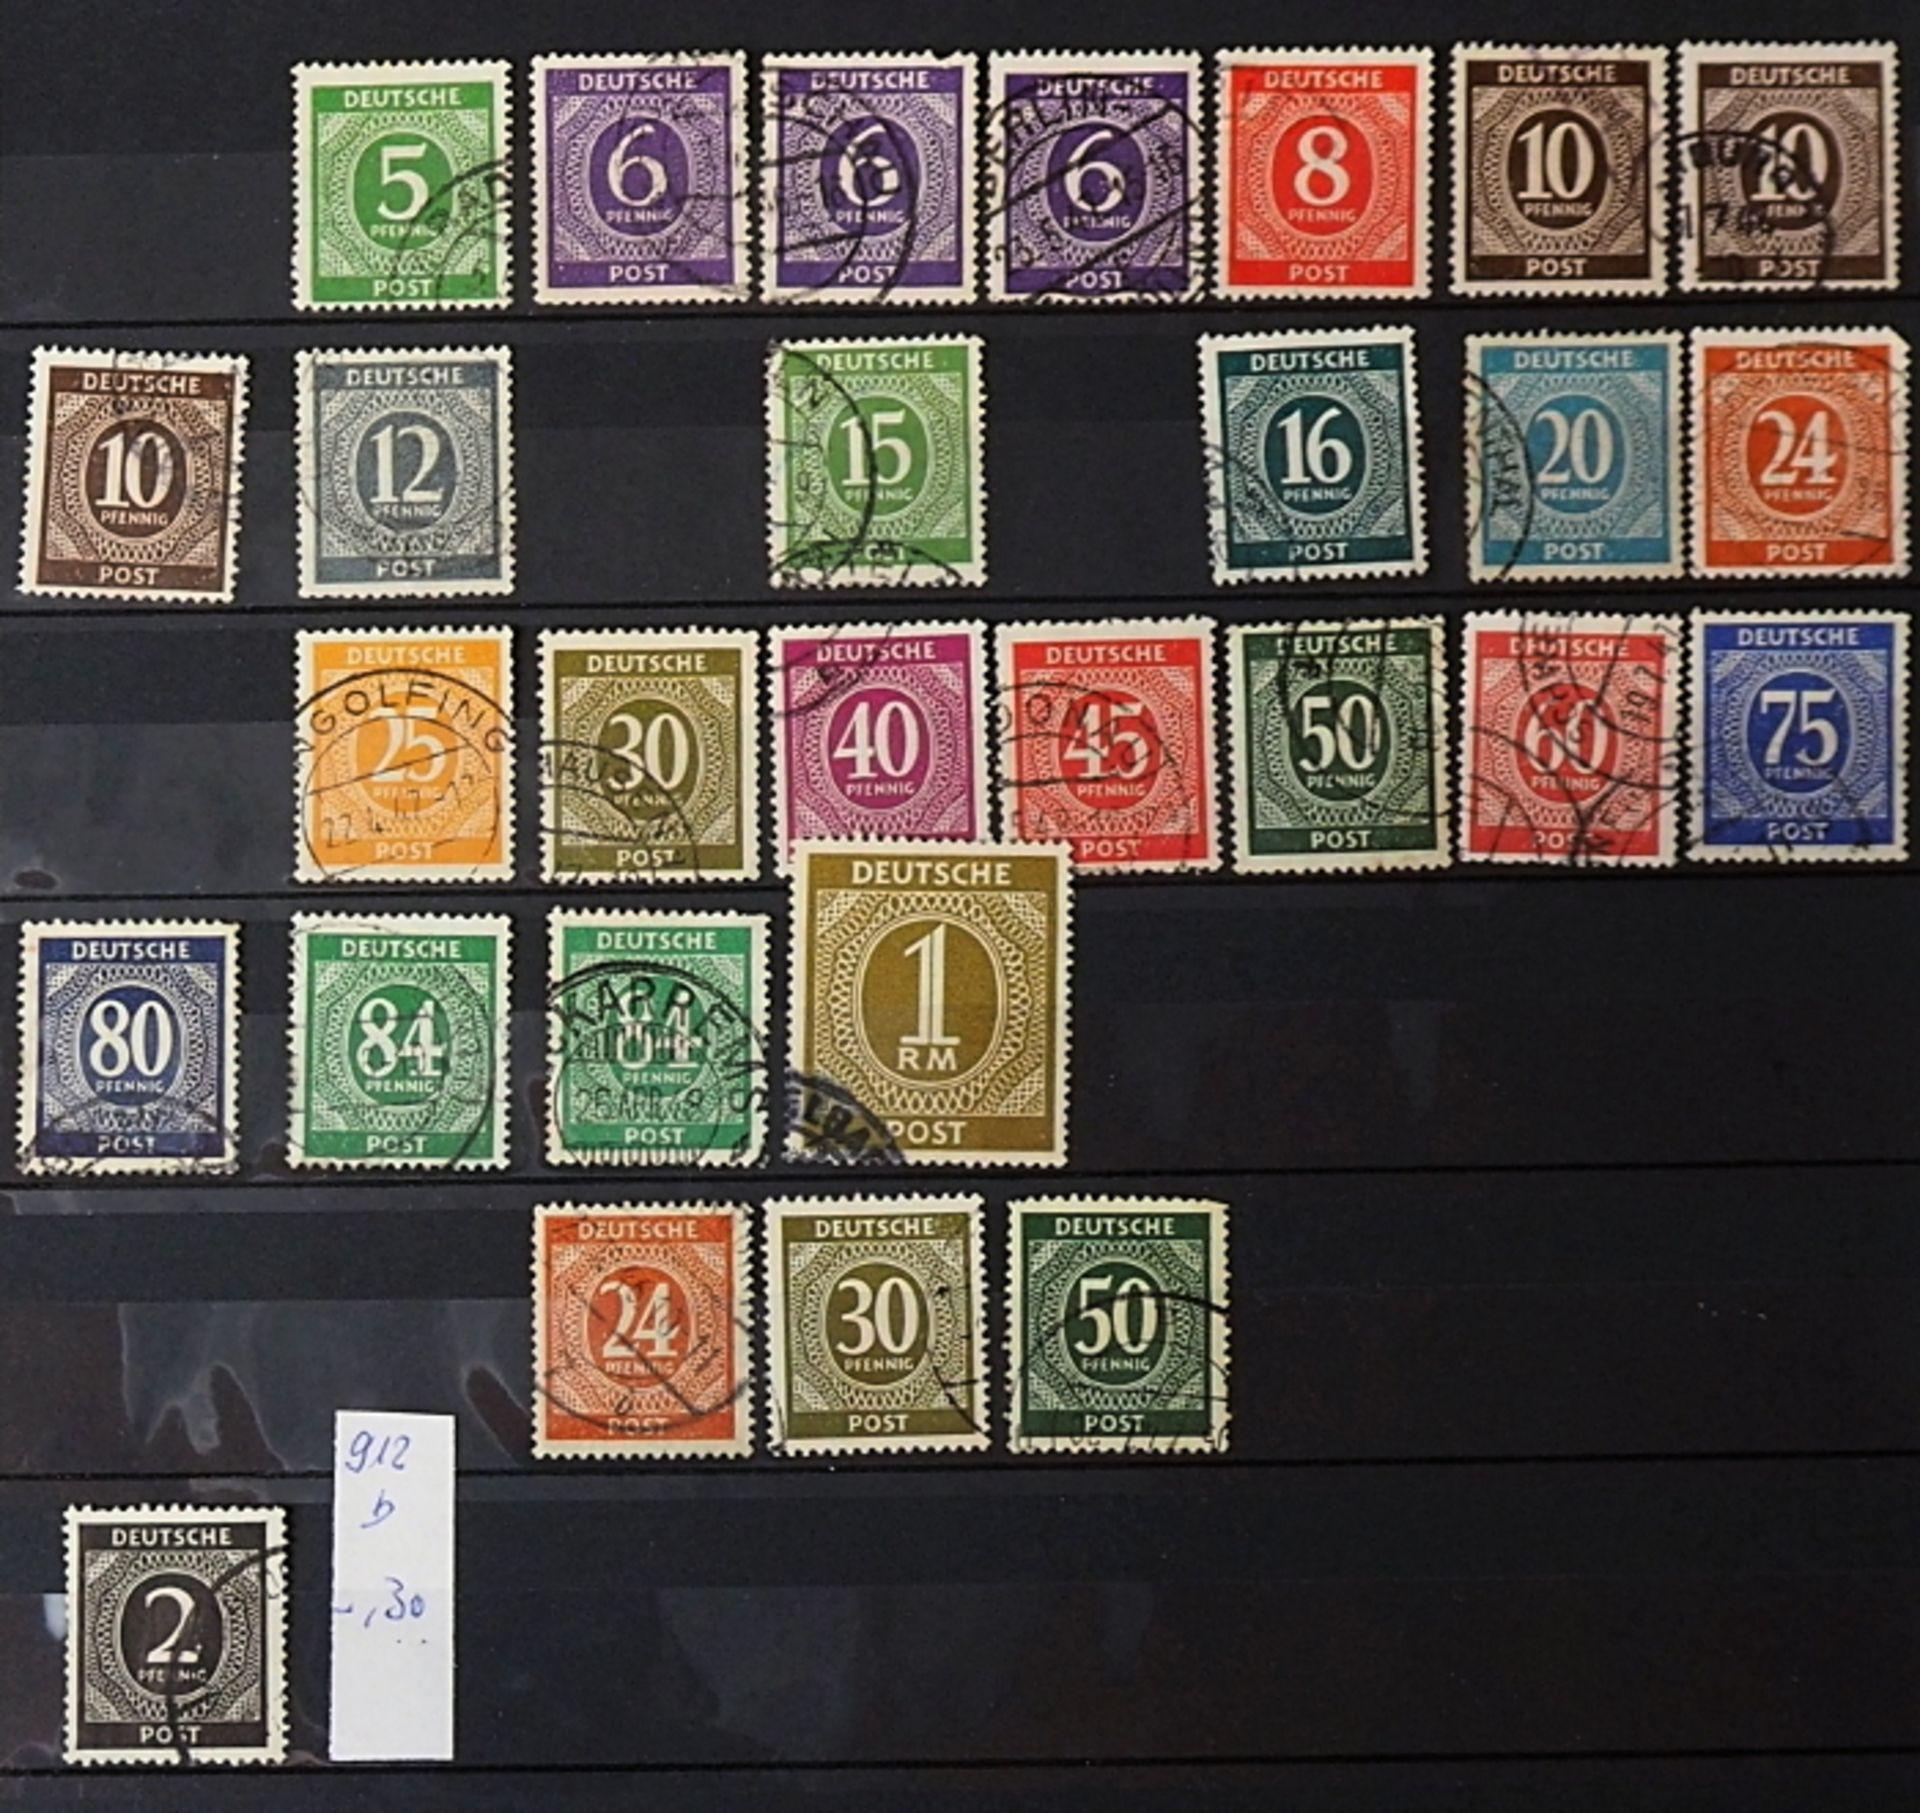 1 Sammlung Briefmarken, Ersttagsbriefe, Briefe, Fehldrucke u.a., gestempelt/ungestempelt, <b - Bild 2 aus 7